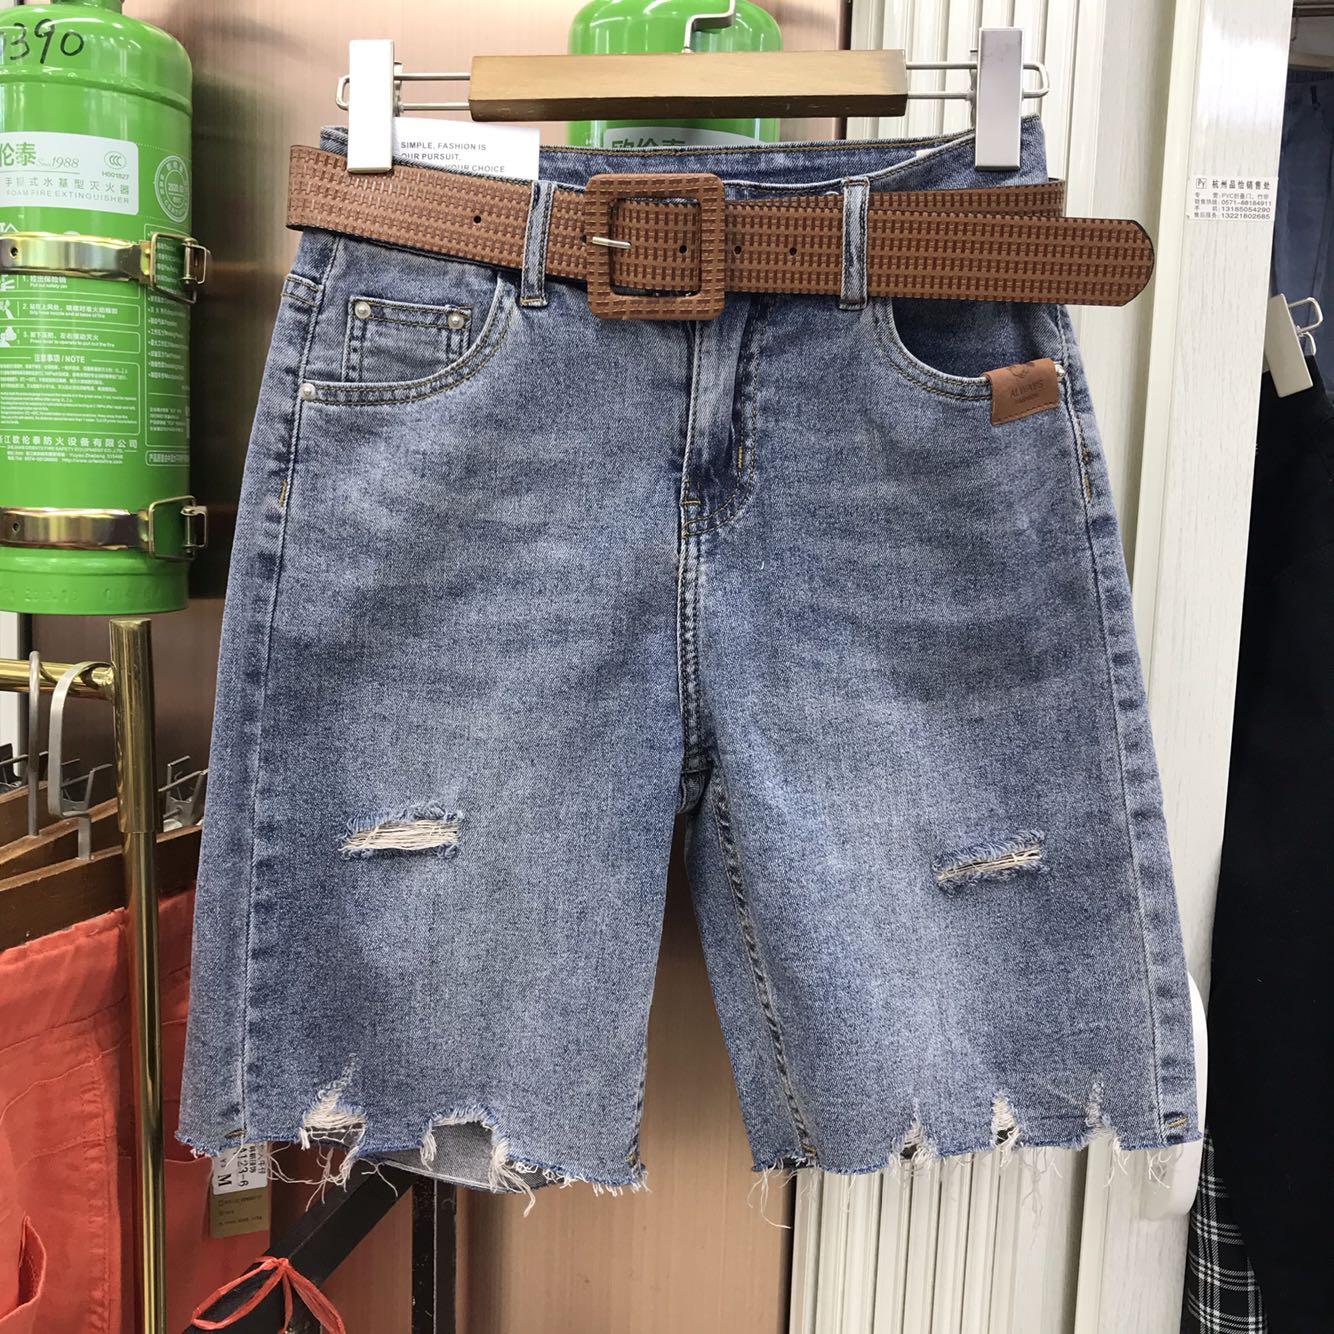 Mùa hè 2020 phong cách cô gái 7836 mỏng và lỏng lẻo mặc quần thun 5 điểm nữ quần jeans - Quần jean